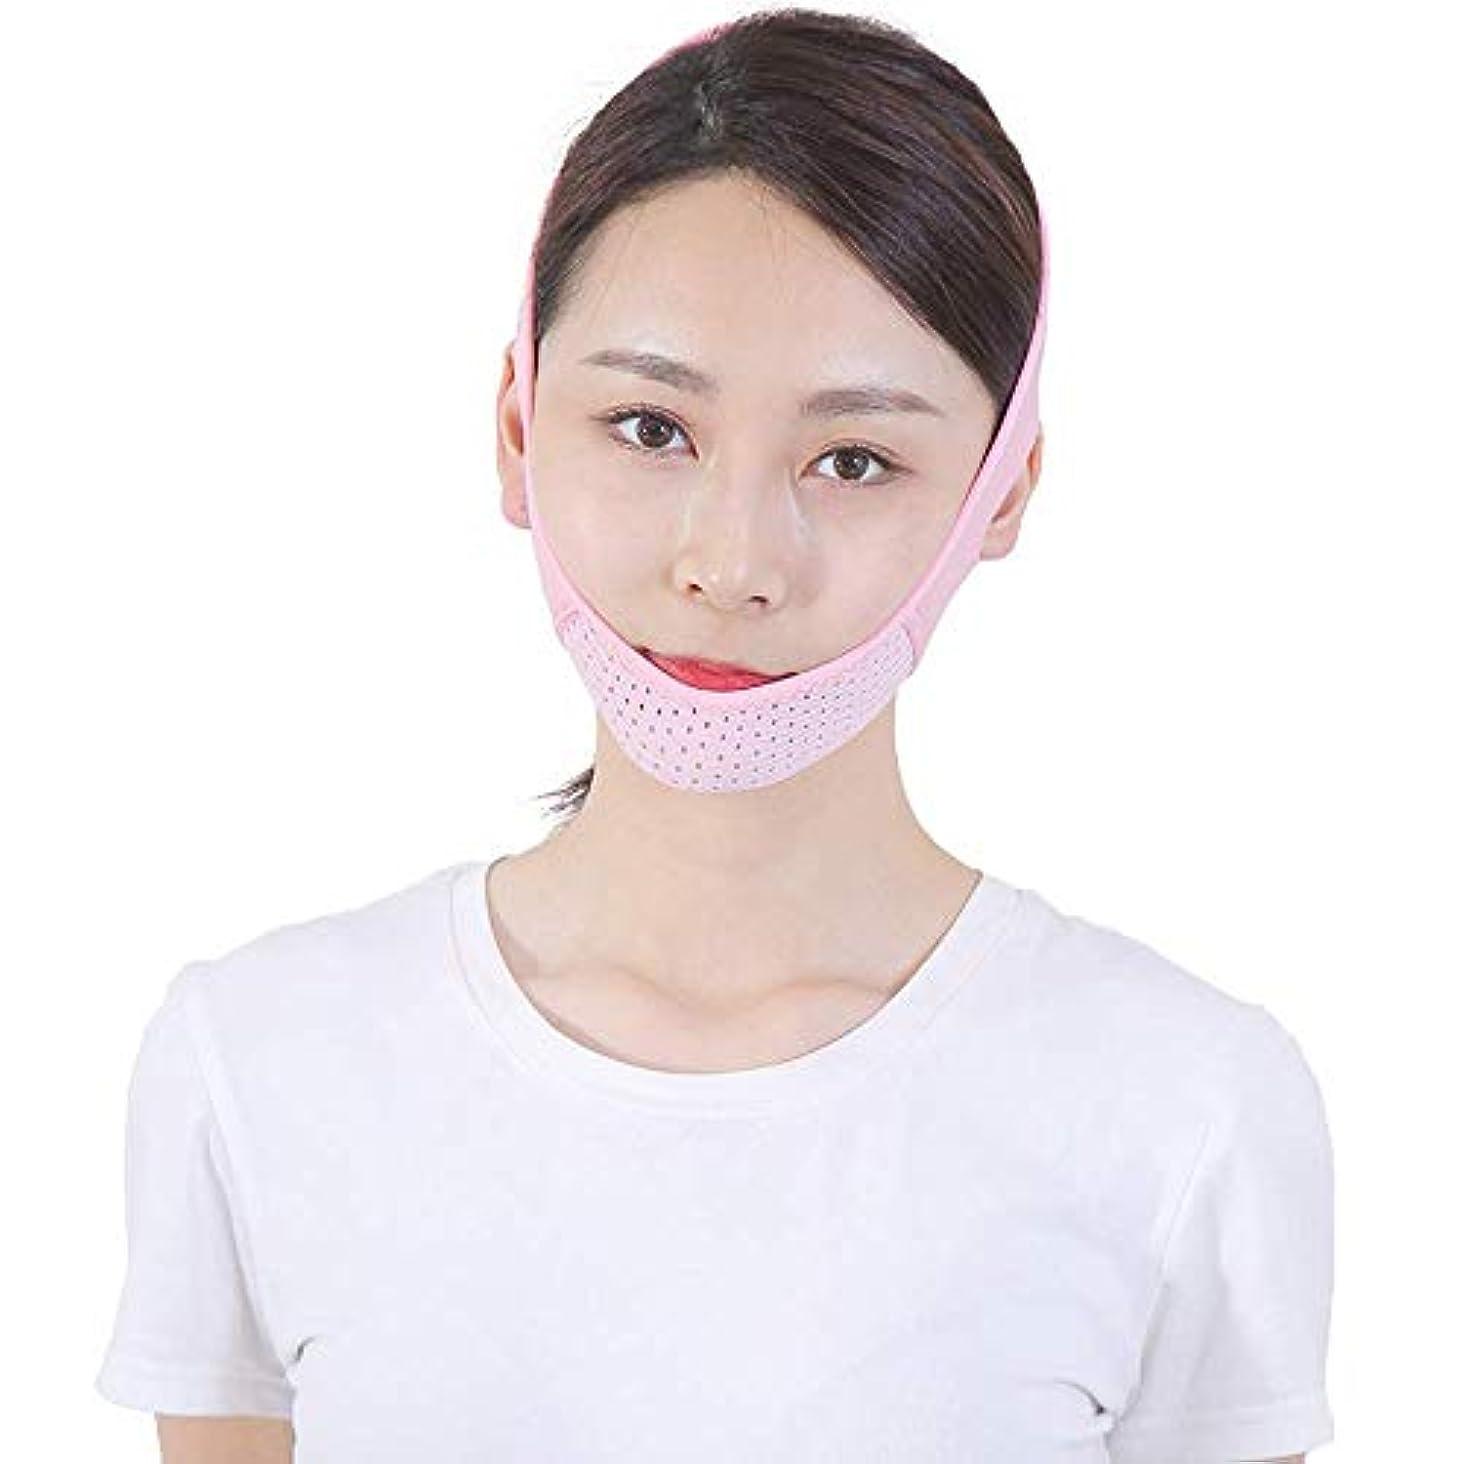 シンフェイスベルトシンフェイスベルト通気性フェイス包帯きつく締める二重あごフェイスリフトアーティファクトVフェイスベルトシンフェイスマスク